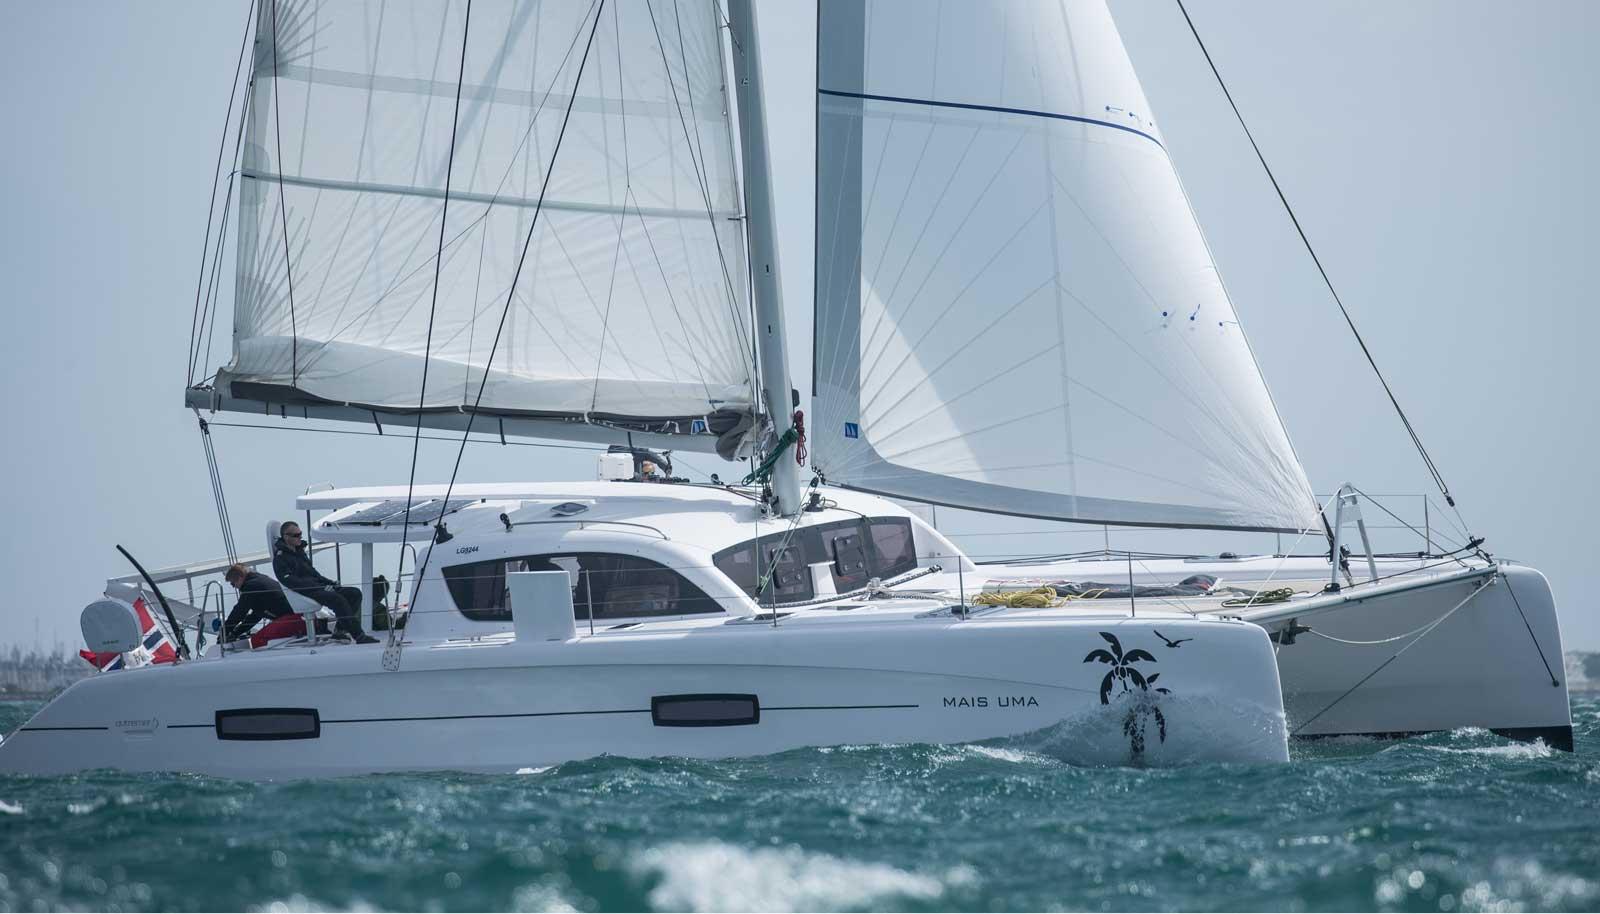 Outremer 45 segelt am Wind, Steuerbordansicht